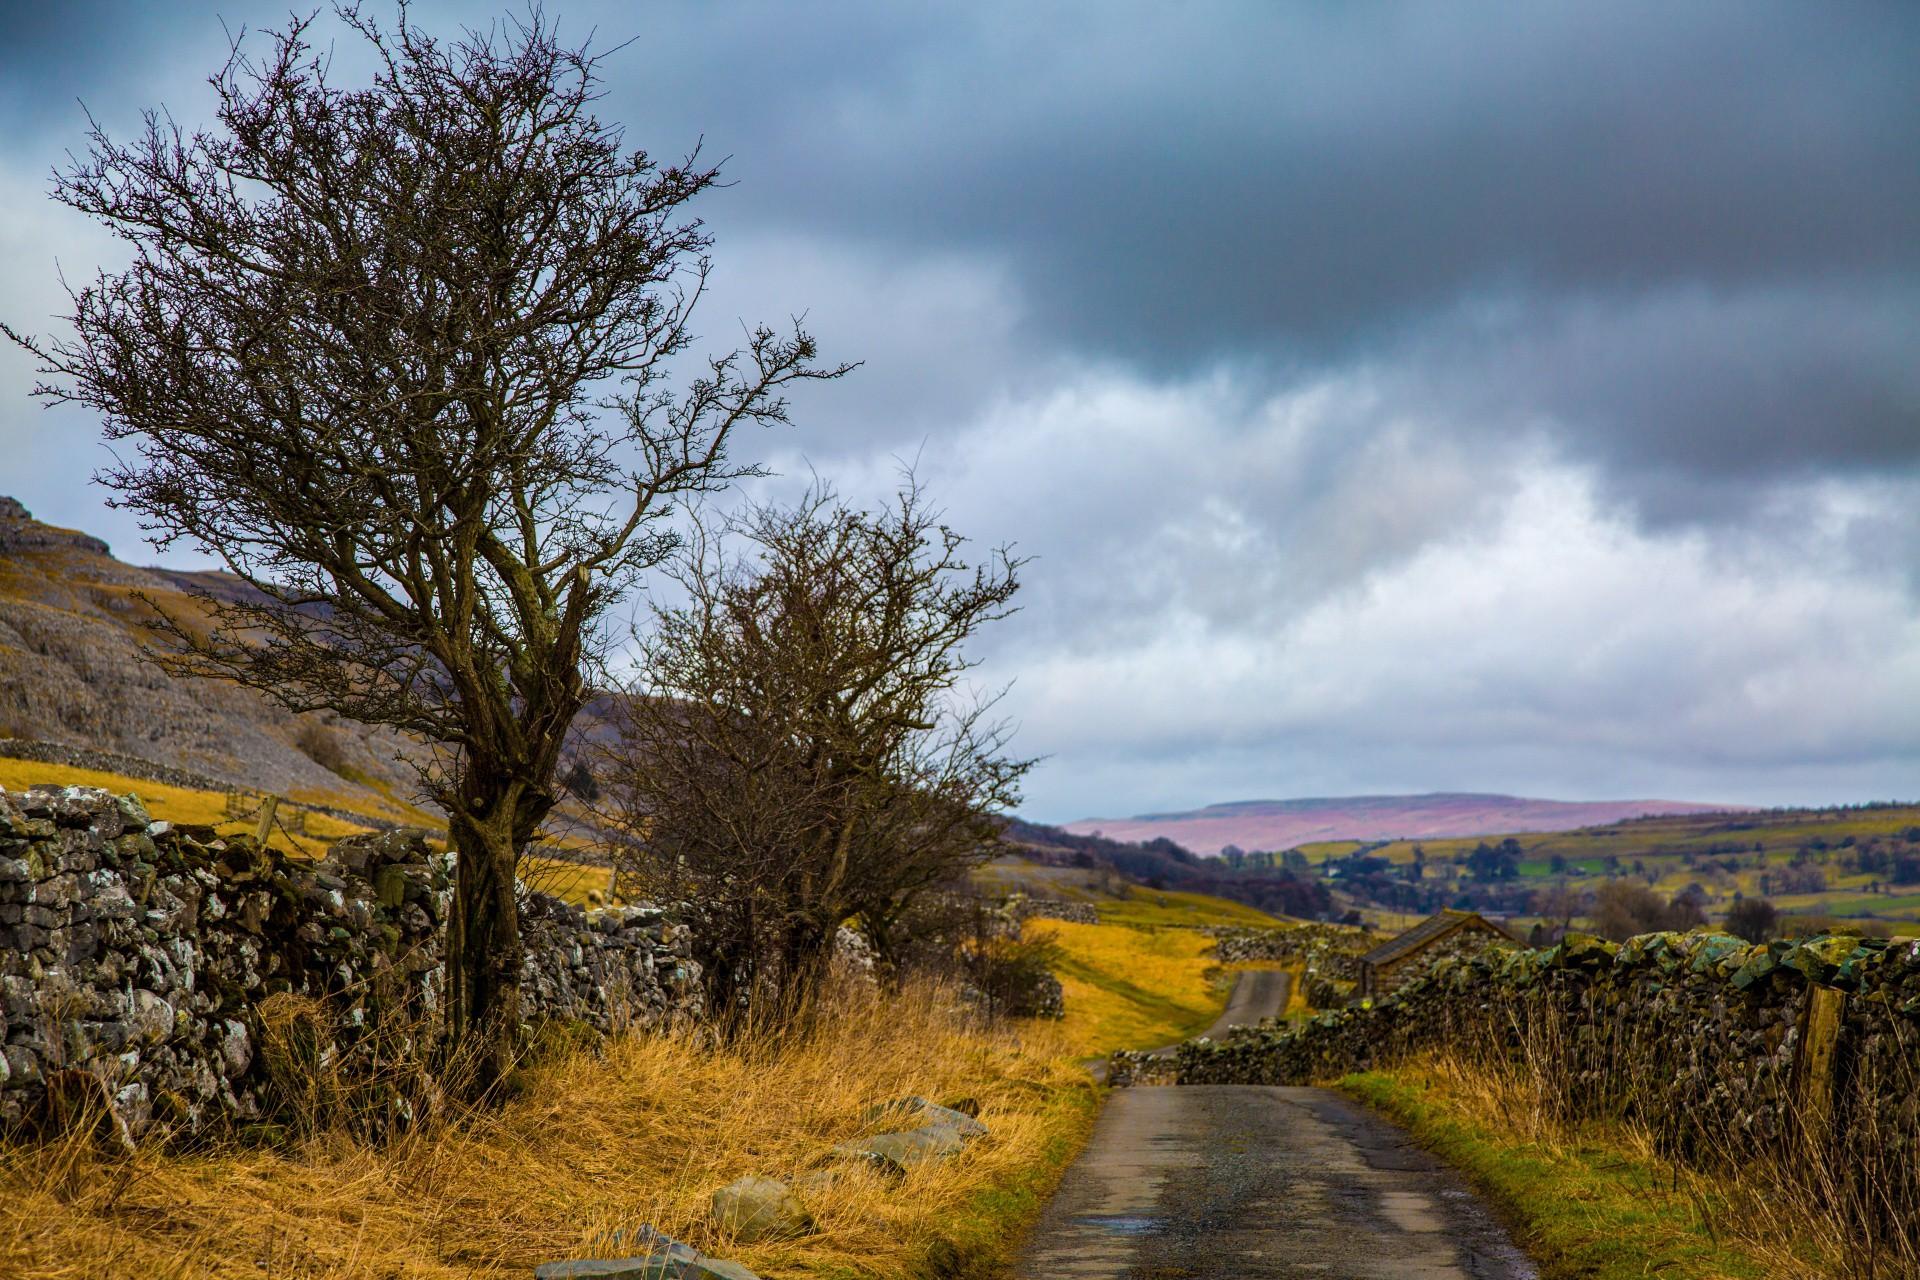 Yorkshire | © George Hodan / Public Domain Pictures